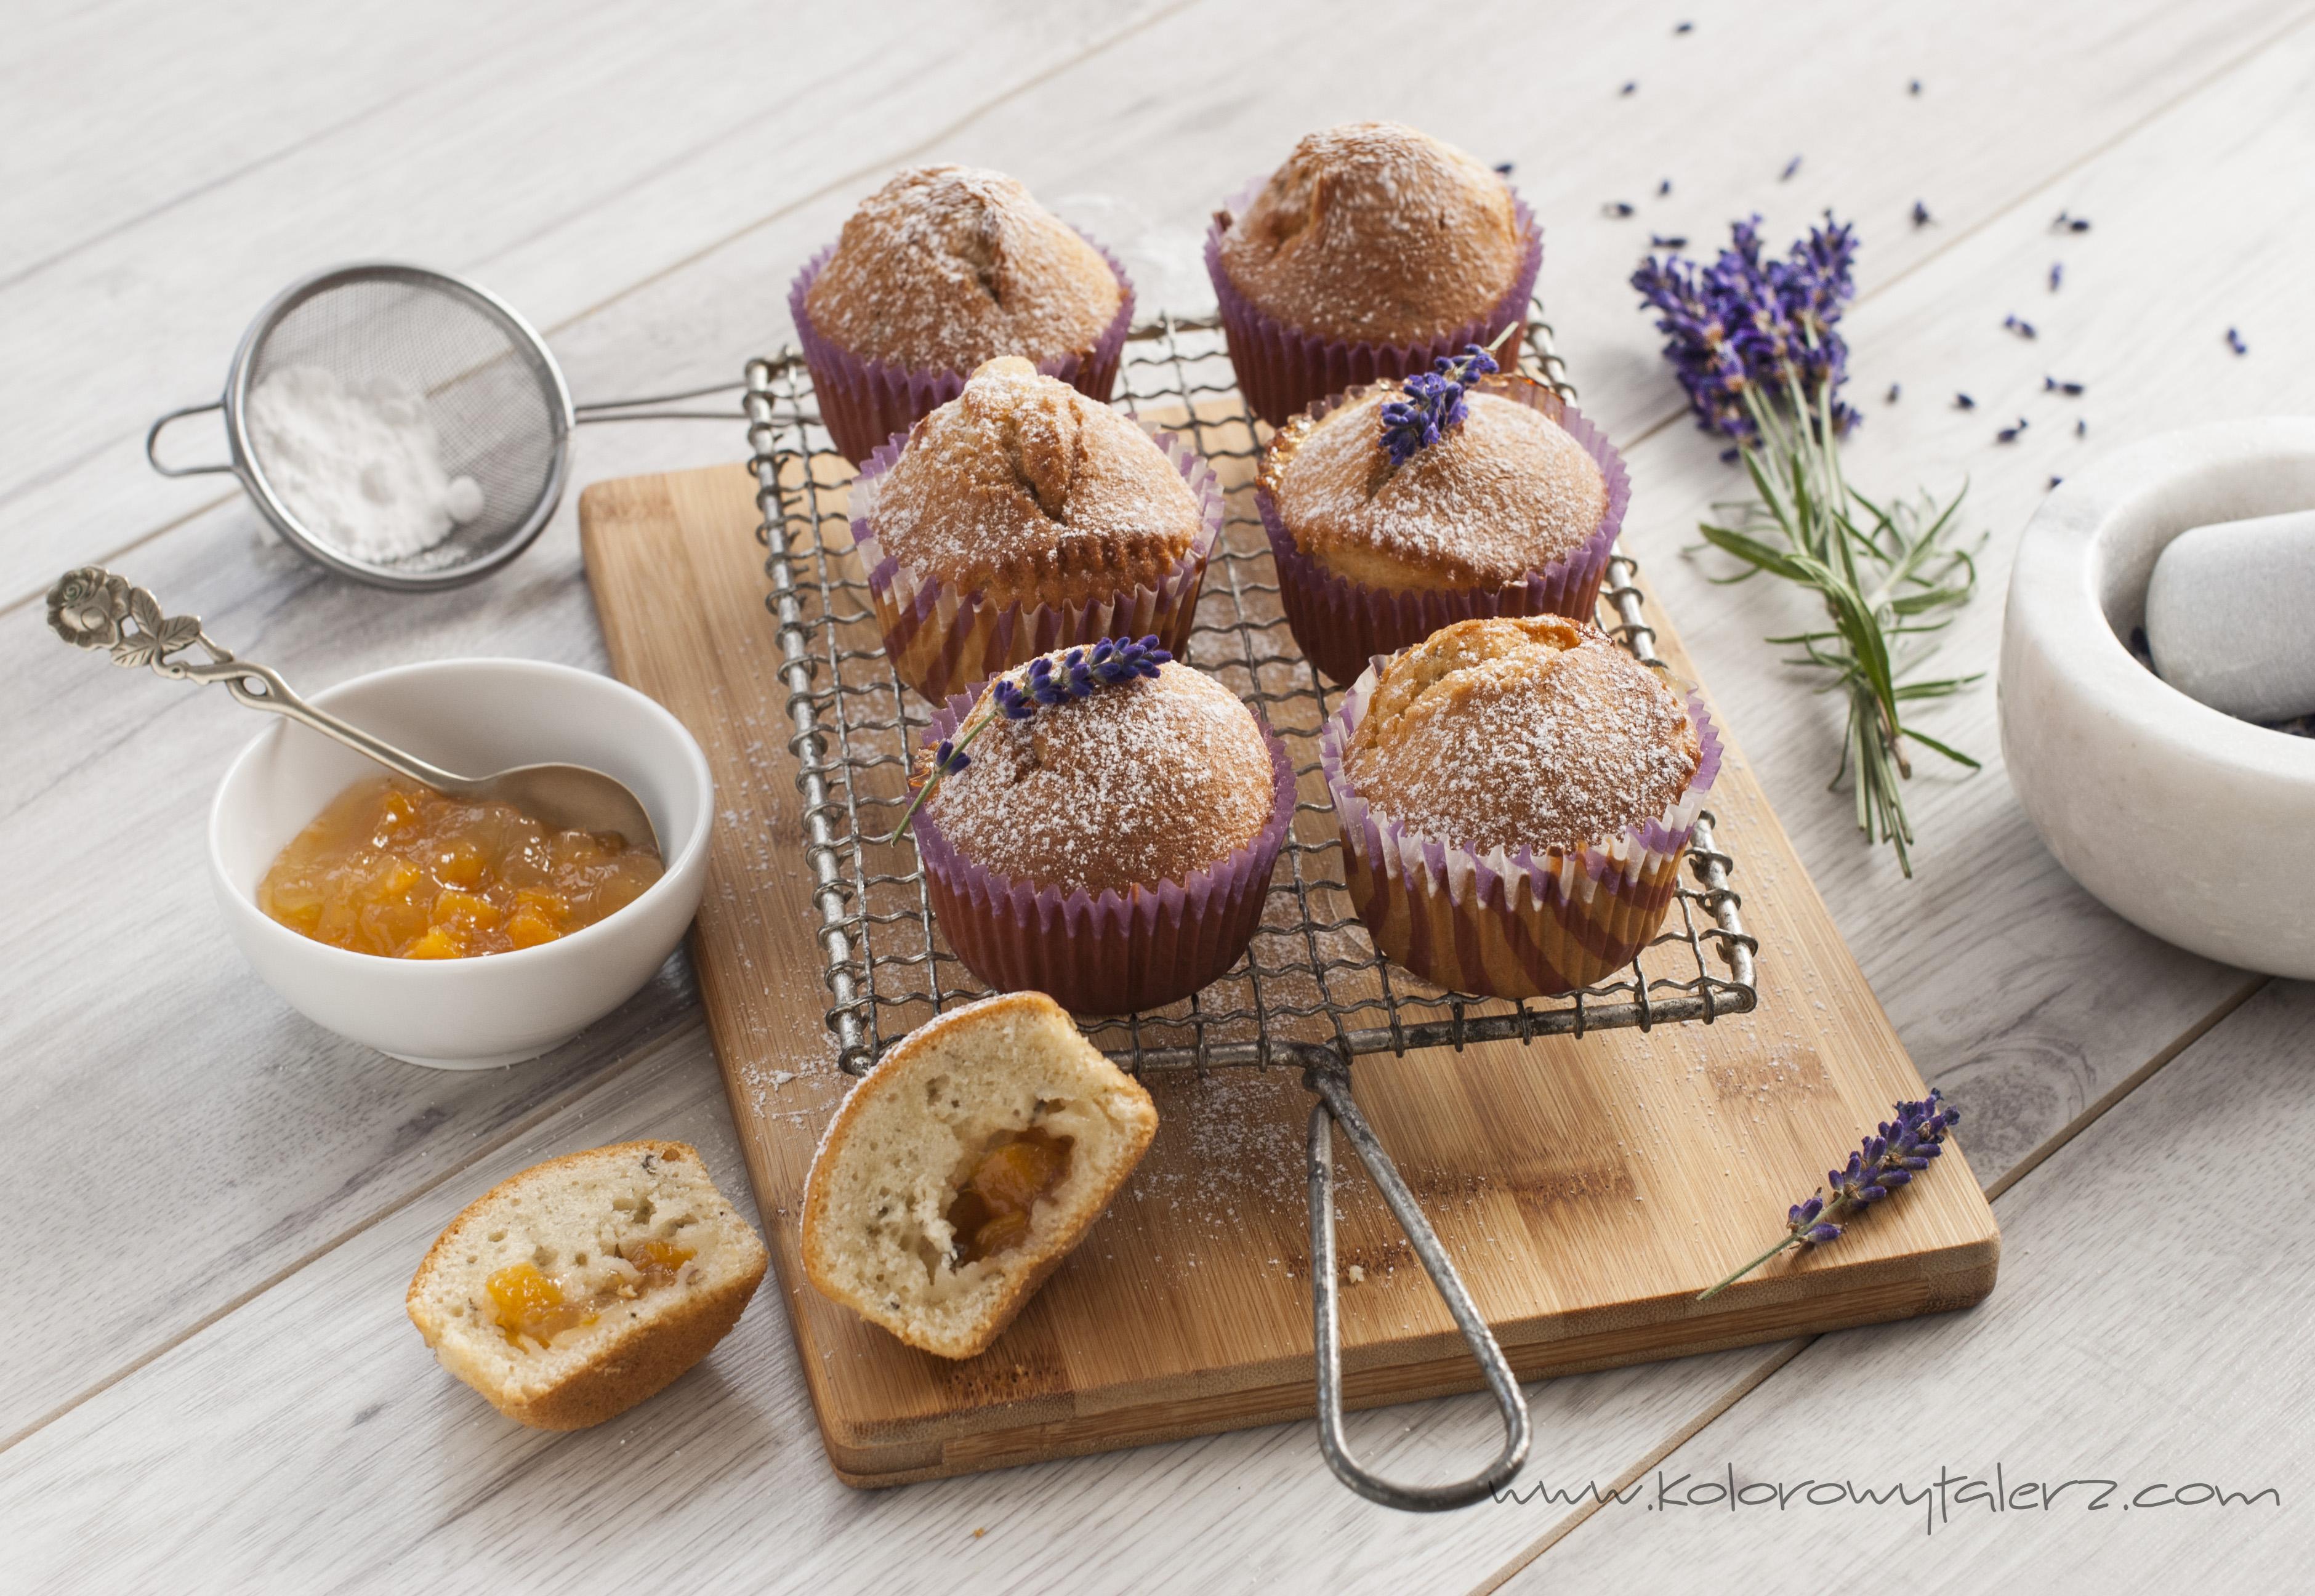 muffiny zcukrem lawendowym ikonfiturą brzoskwiniową